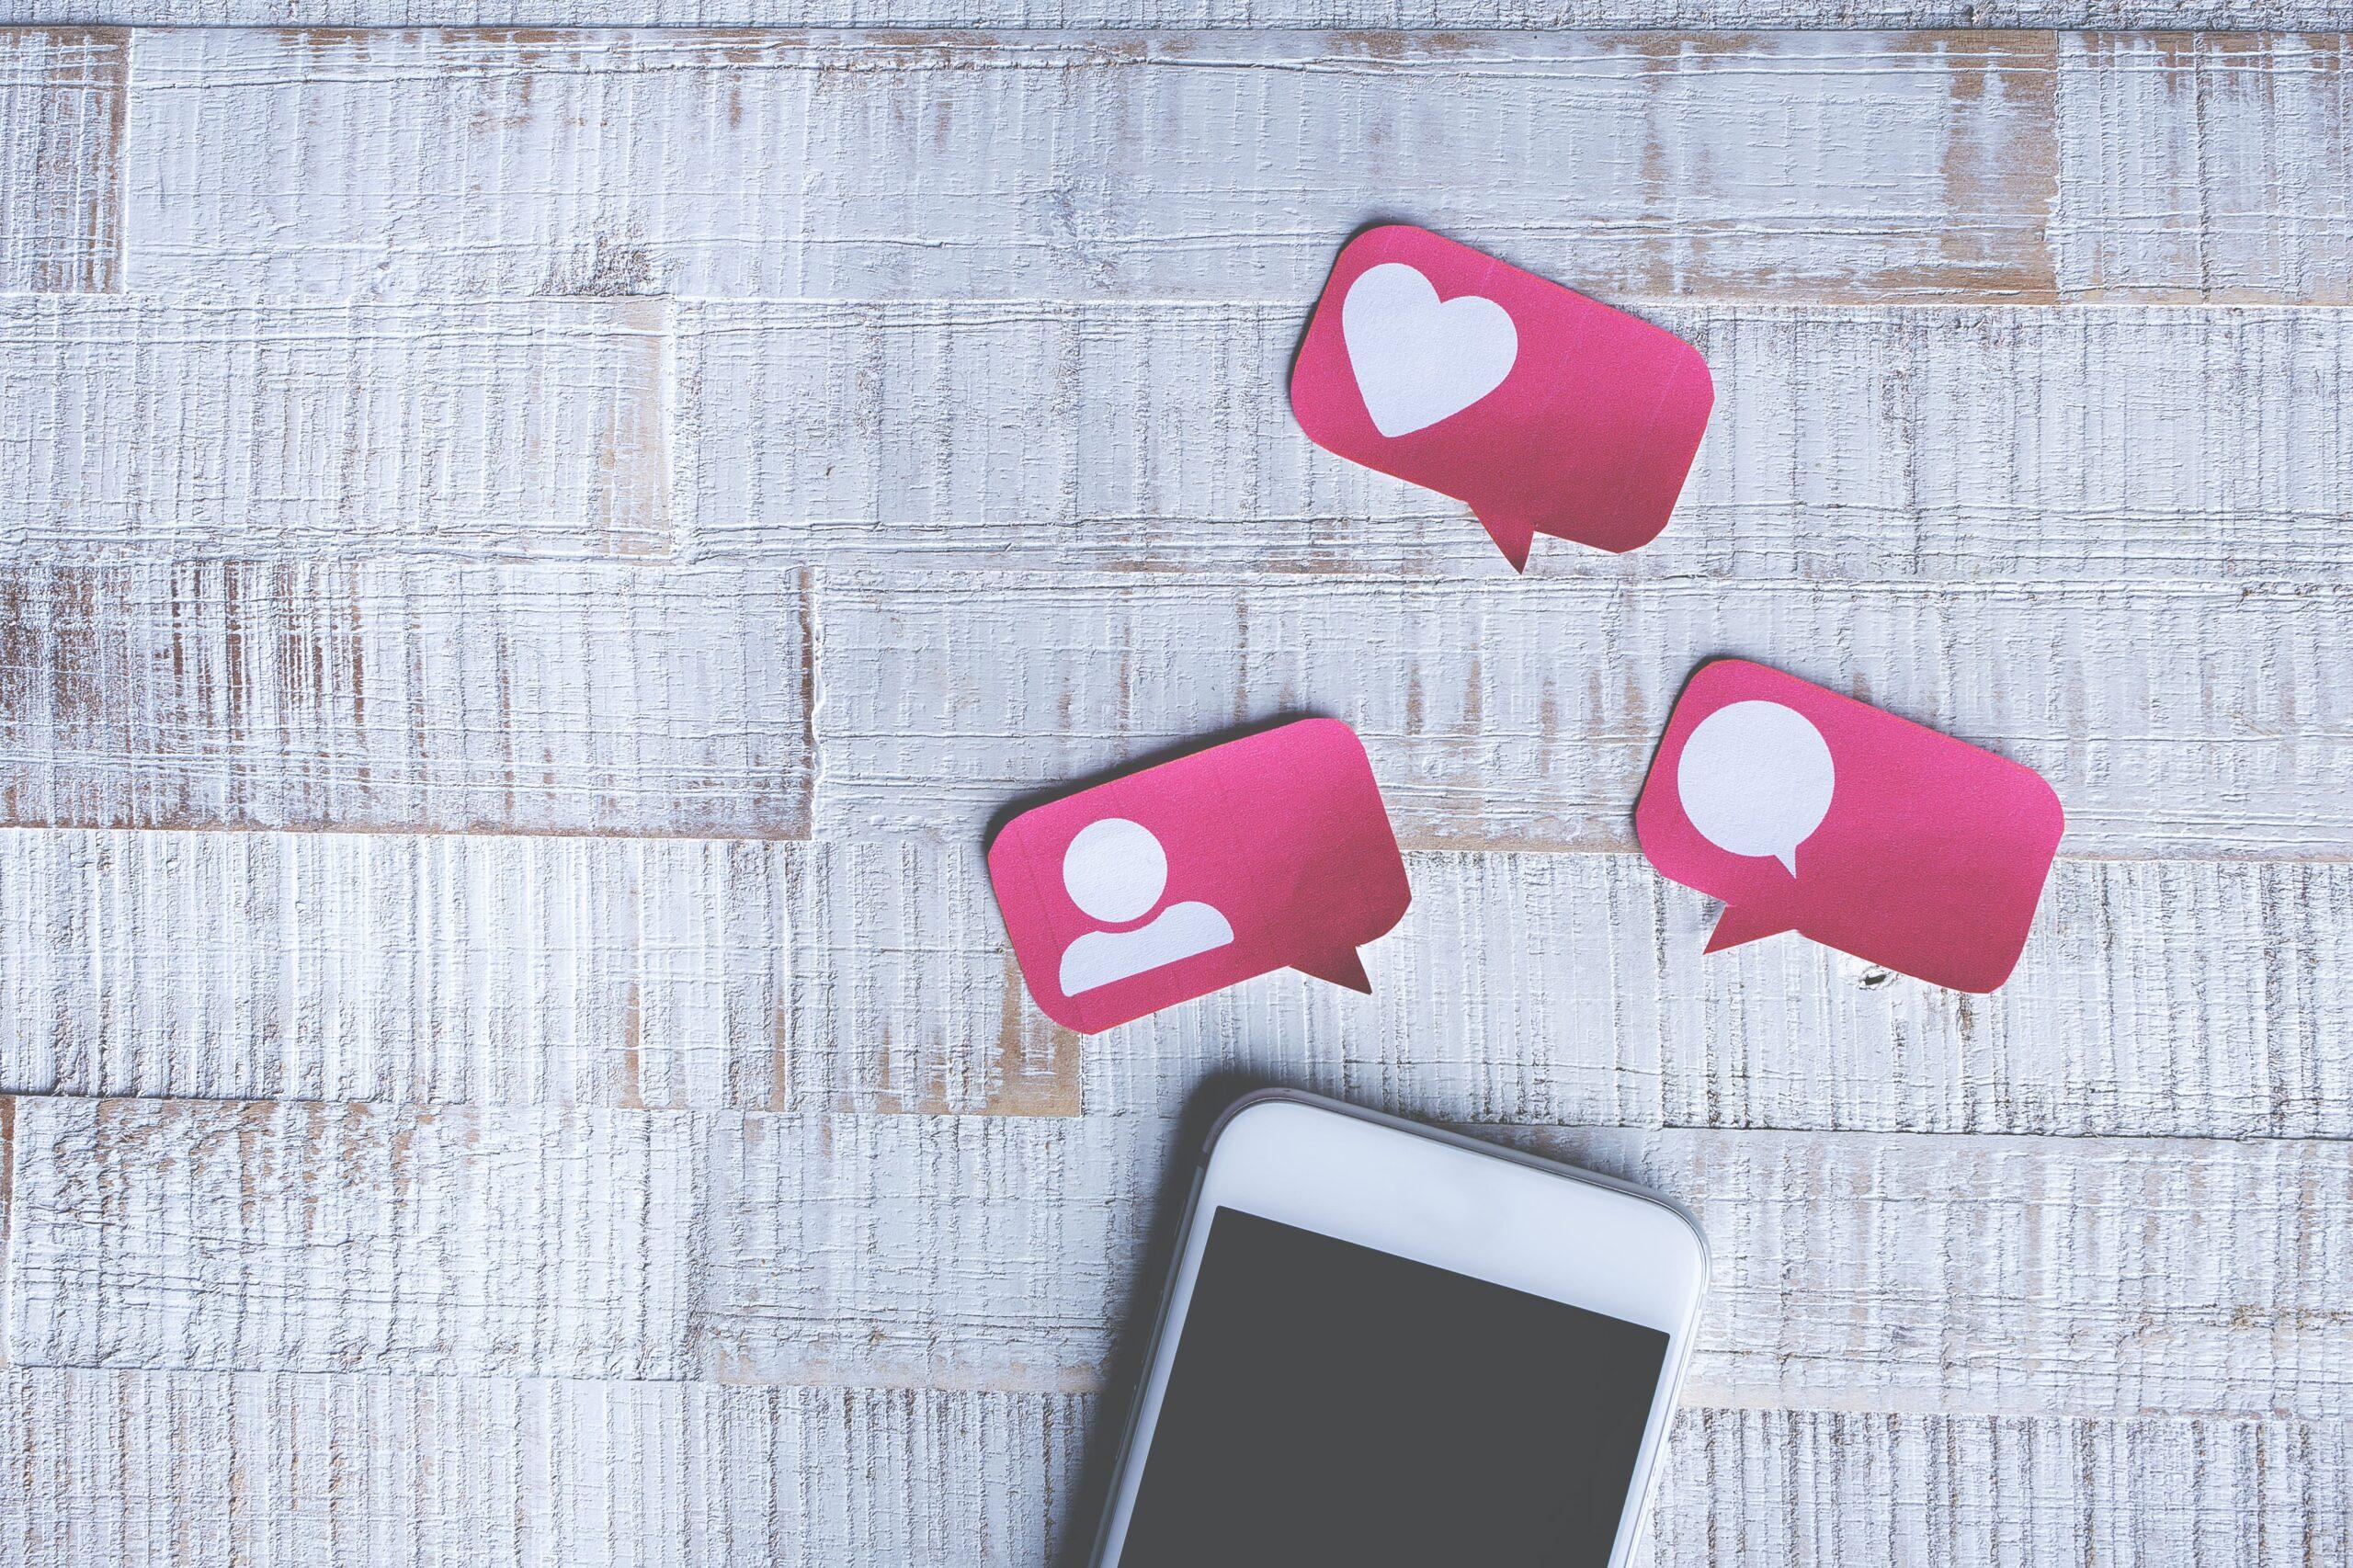 Móvil con íconos de interacción de Instagram